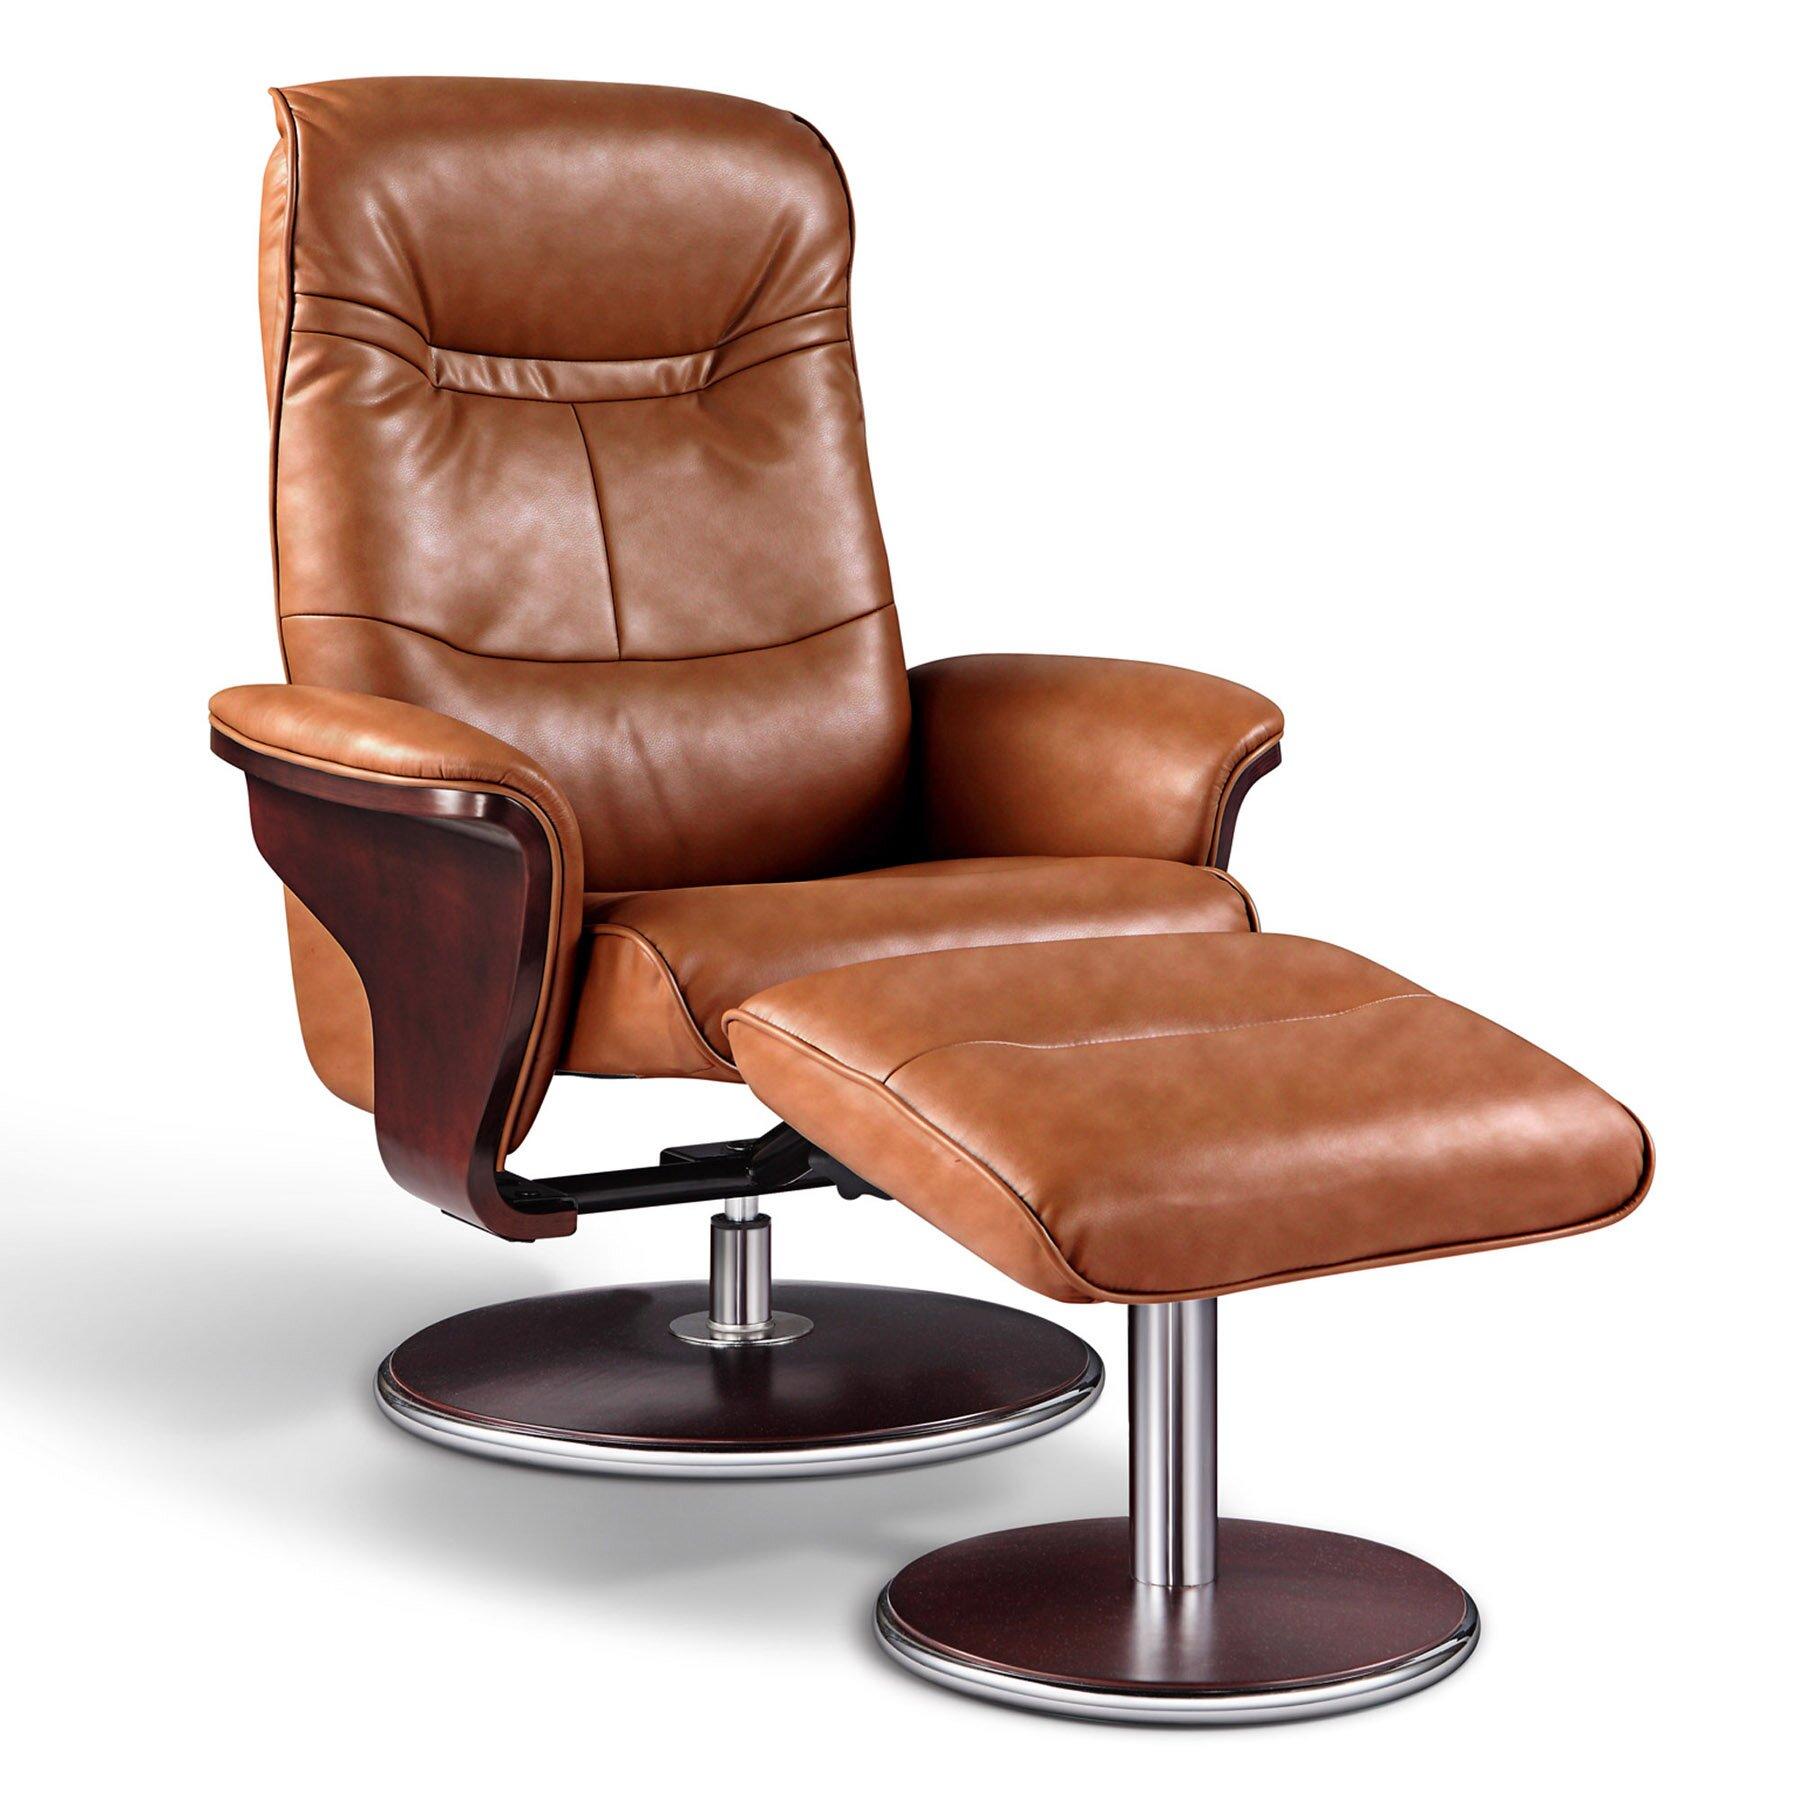 furniture living room furniture recliners artiva usa sku ariu1060